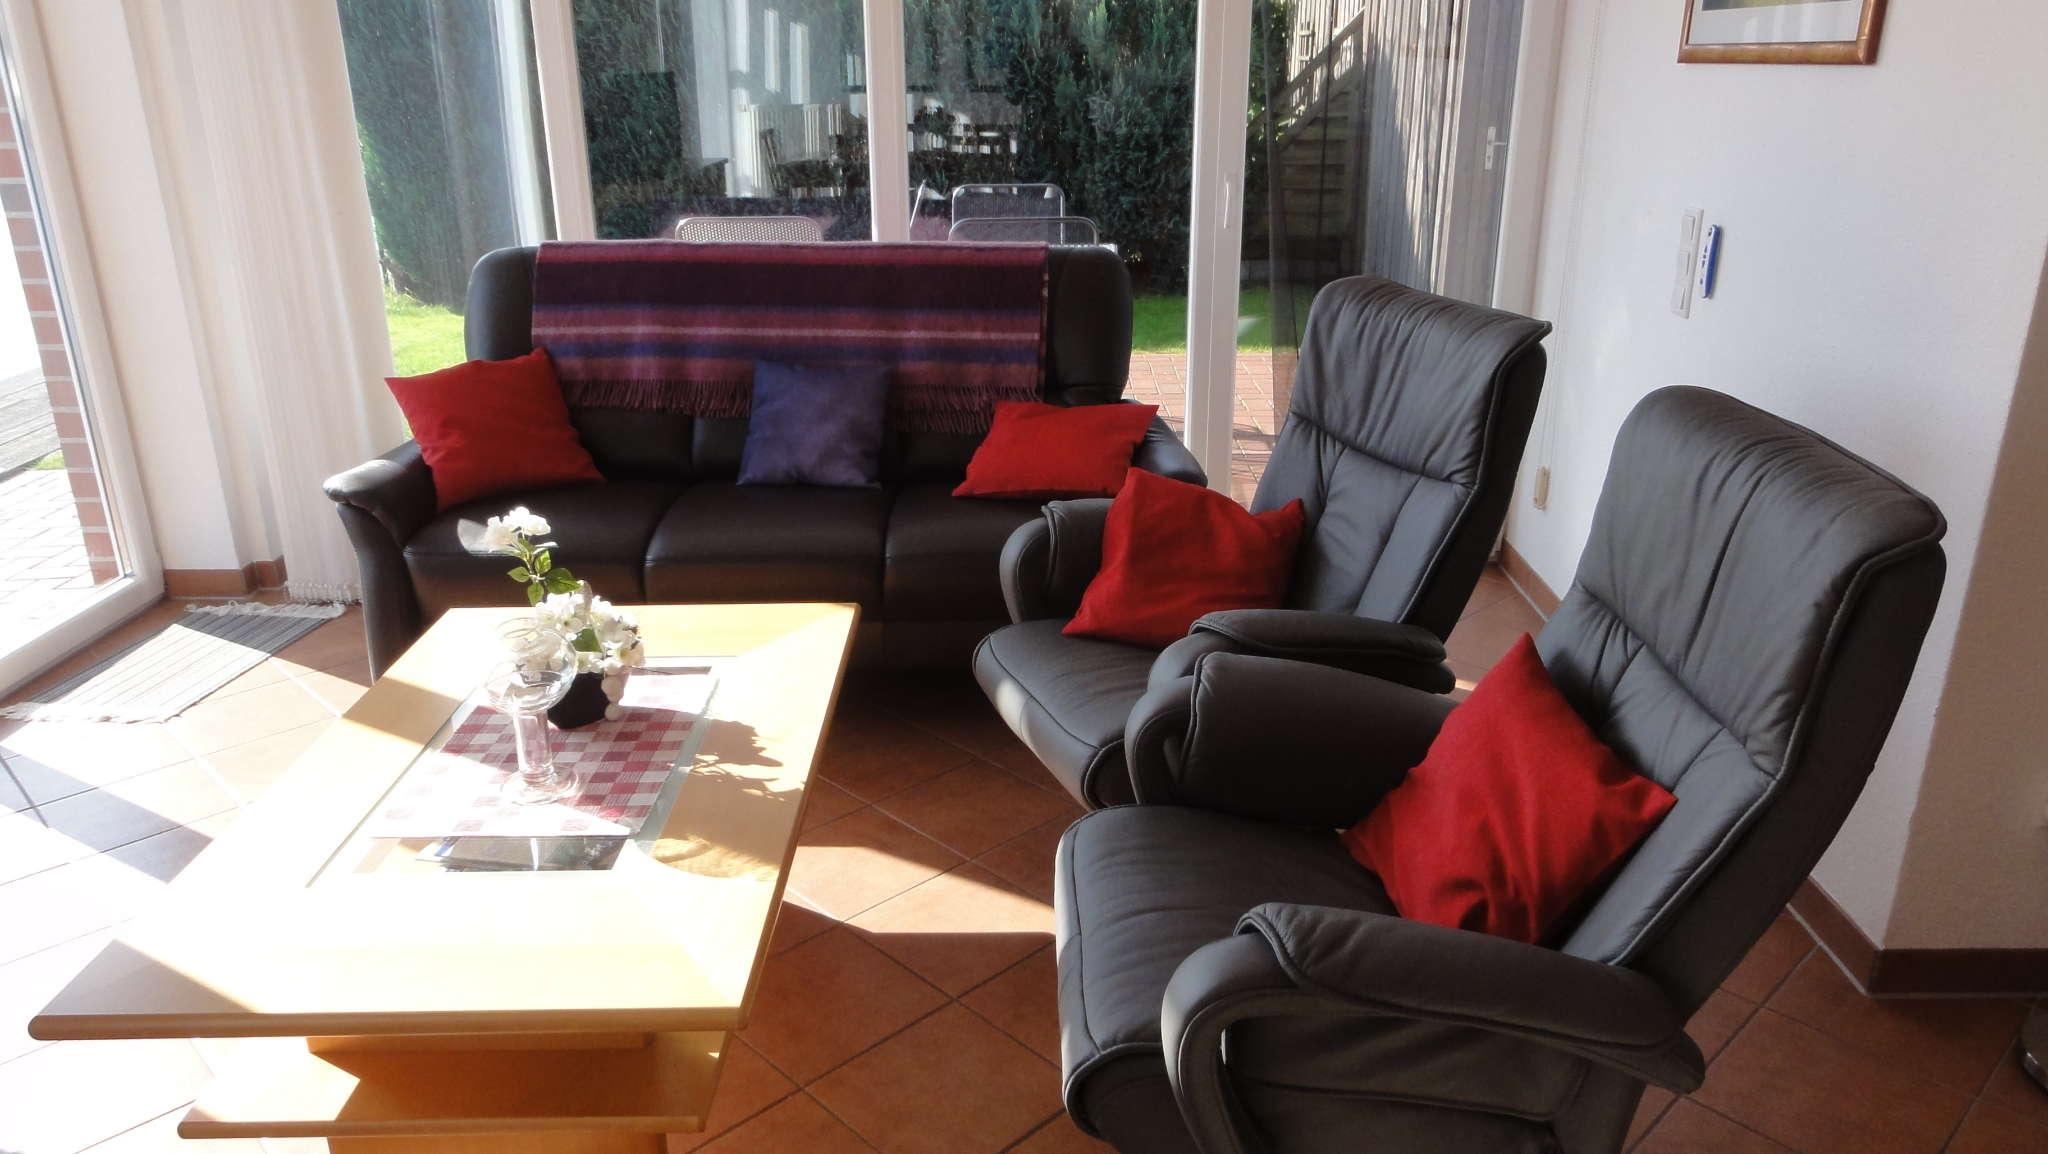 ferienhaus ela in weener niedersachsen karl u ute van laak. Black Bedroom Furniture Sets. Home Design Ideas